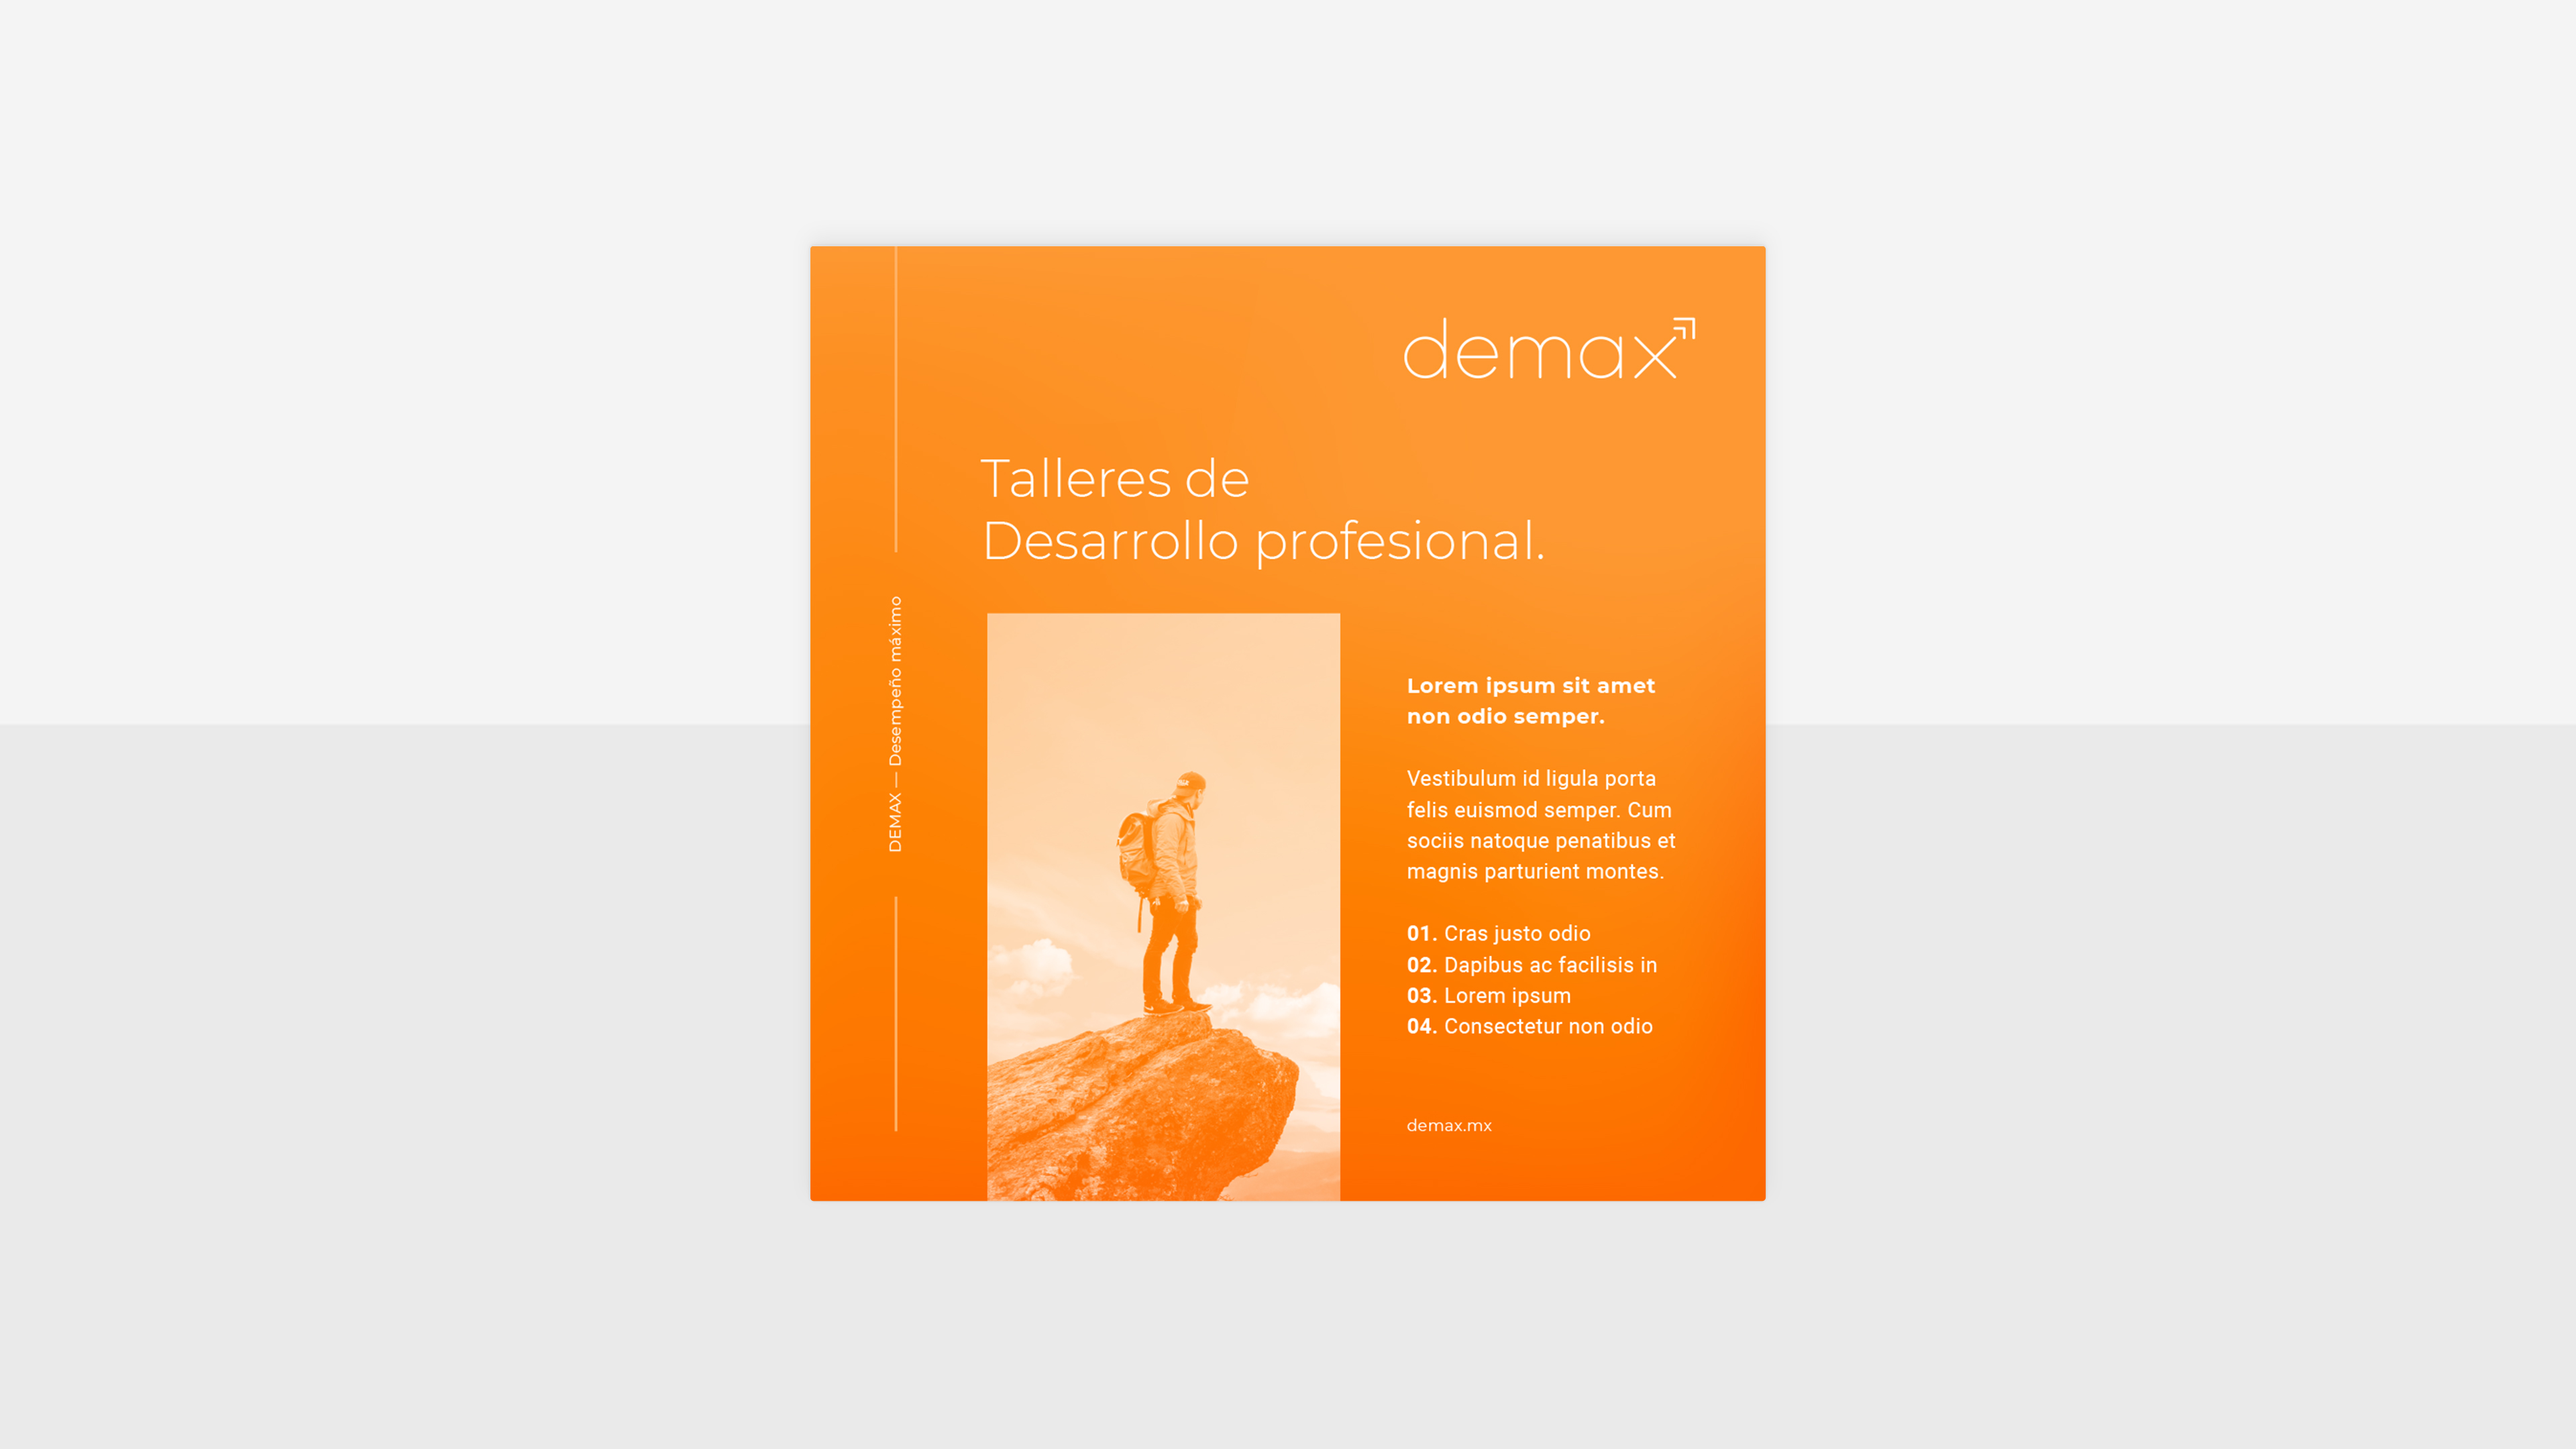 fmx_demax_07